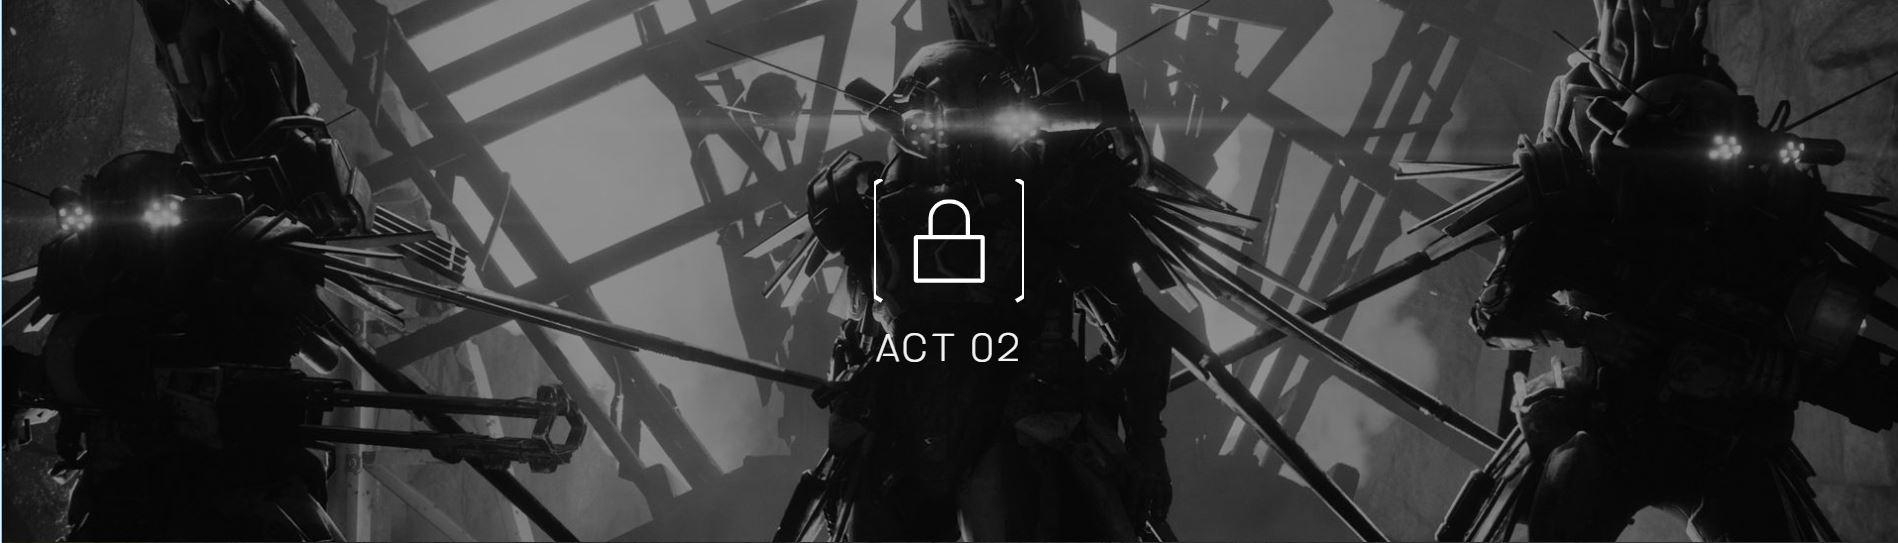 Anthem hat nun neue Roadmap, aber sie ist leer – Spieler spotten